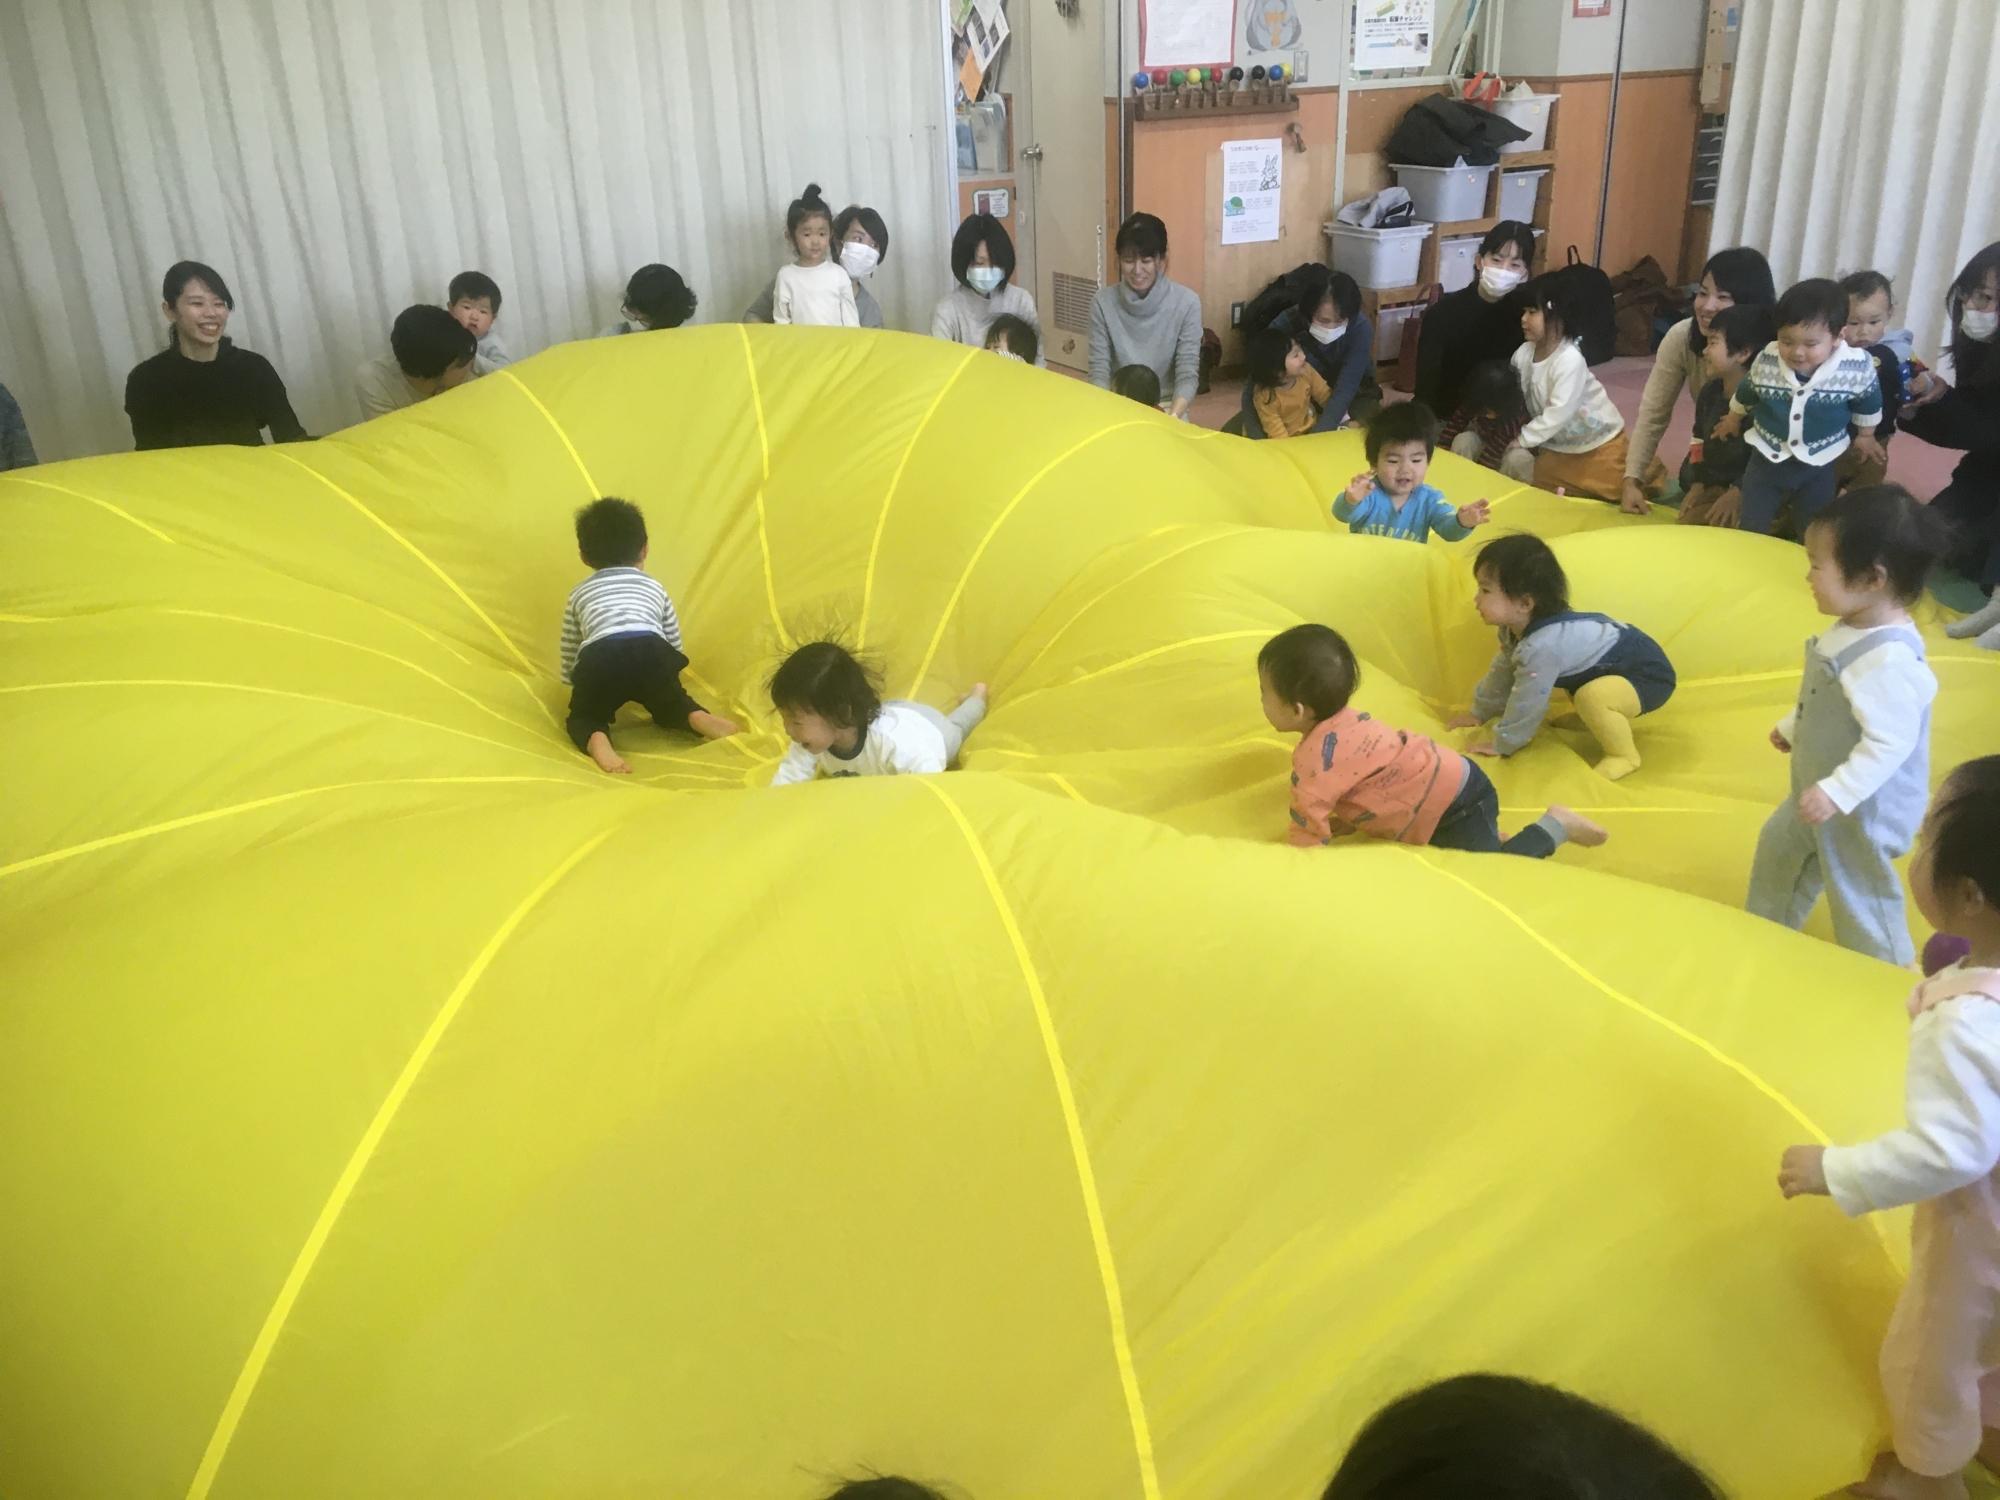 神戸市立六甲道児童館「そよかぜひろば」